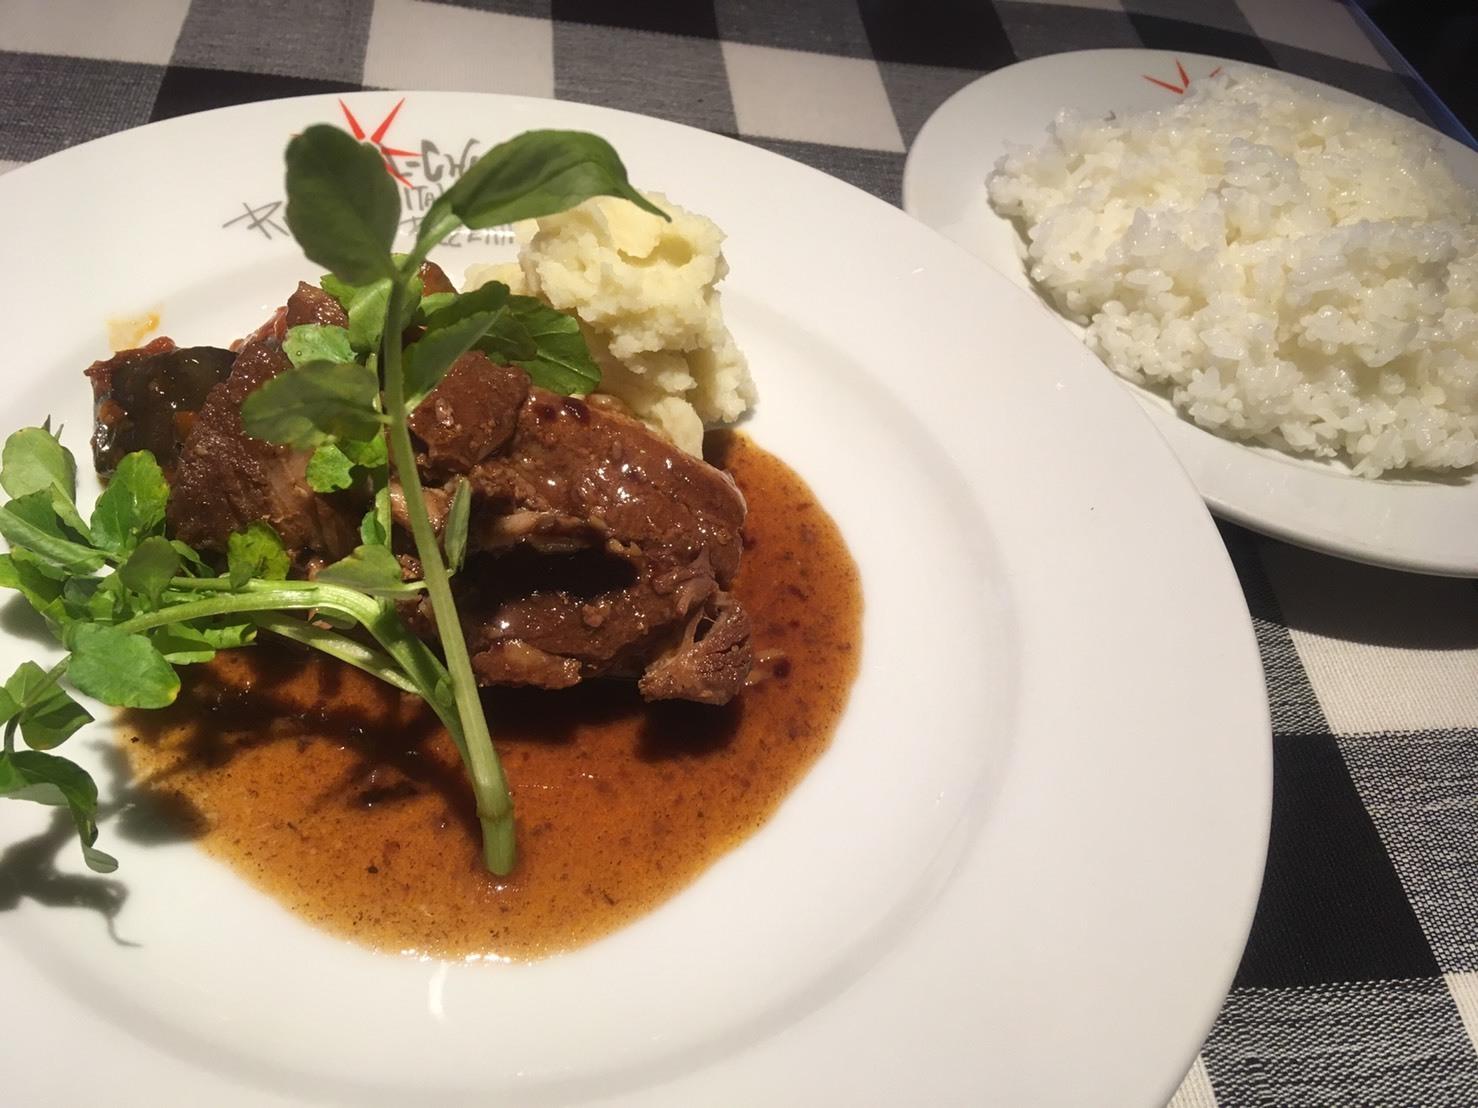 大成食品スタッフブログ:キャンティコクーンシティ店ランチメイン